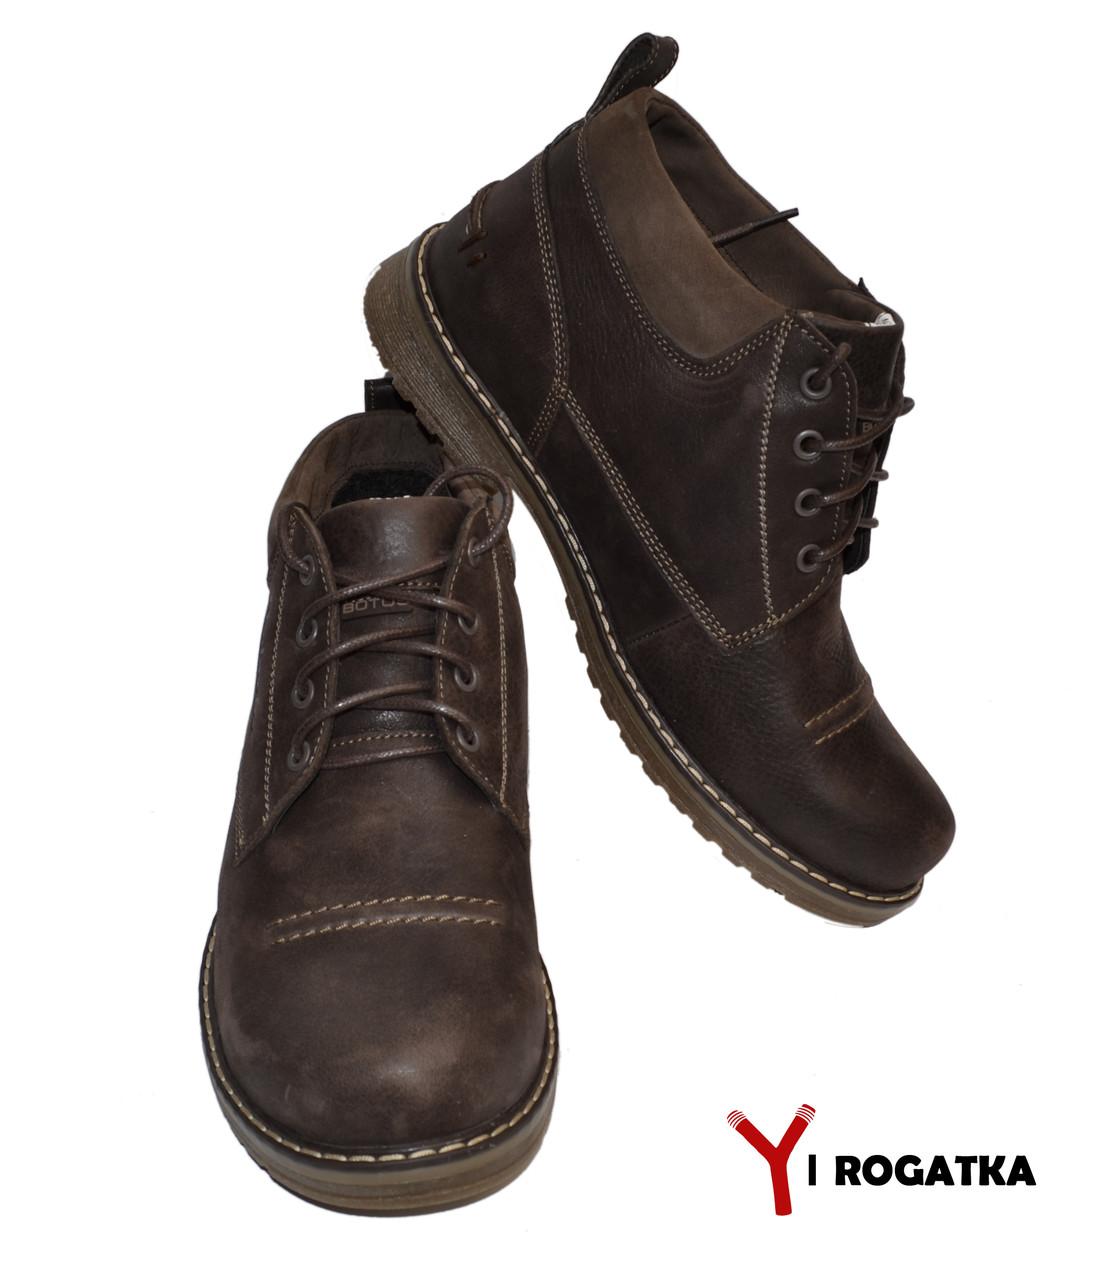 eae761b0a Мужские зимние кожаные ботинки, BOTUS, коричневые, прошитые, низкие -  Интернет магазин обуви